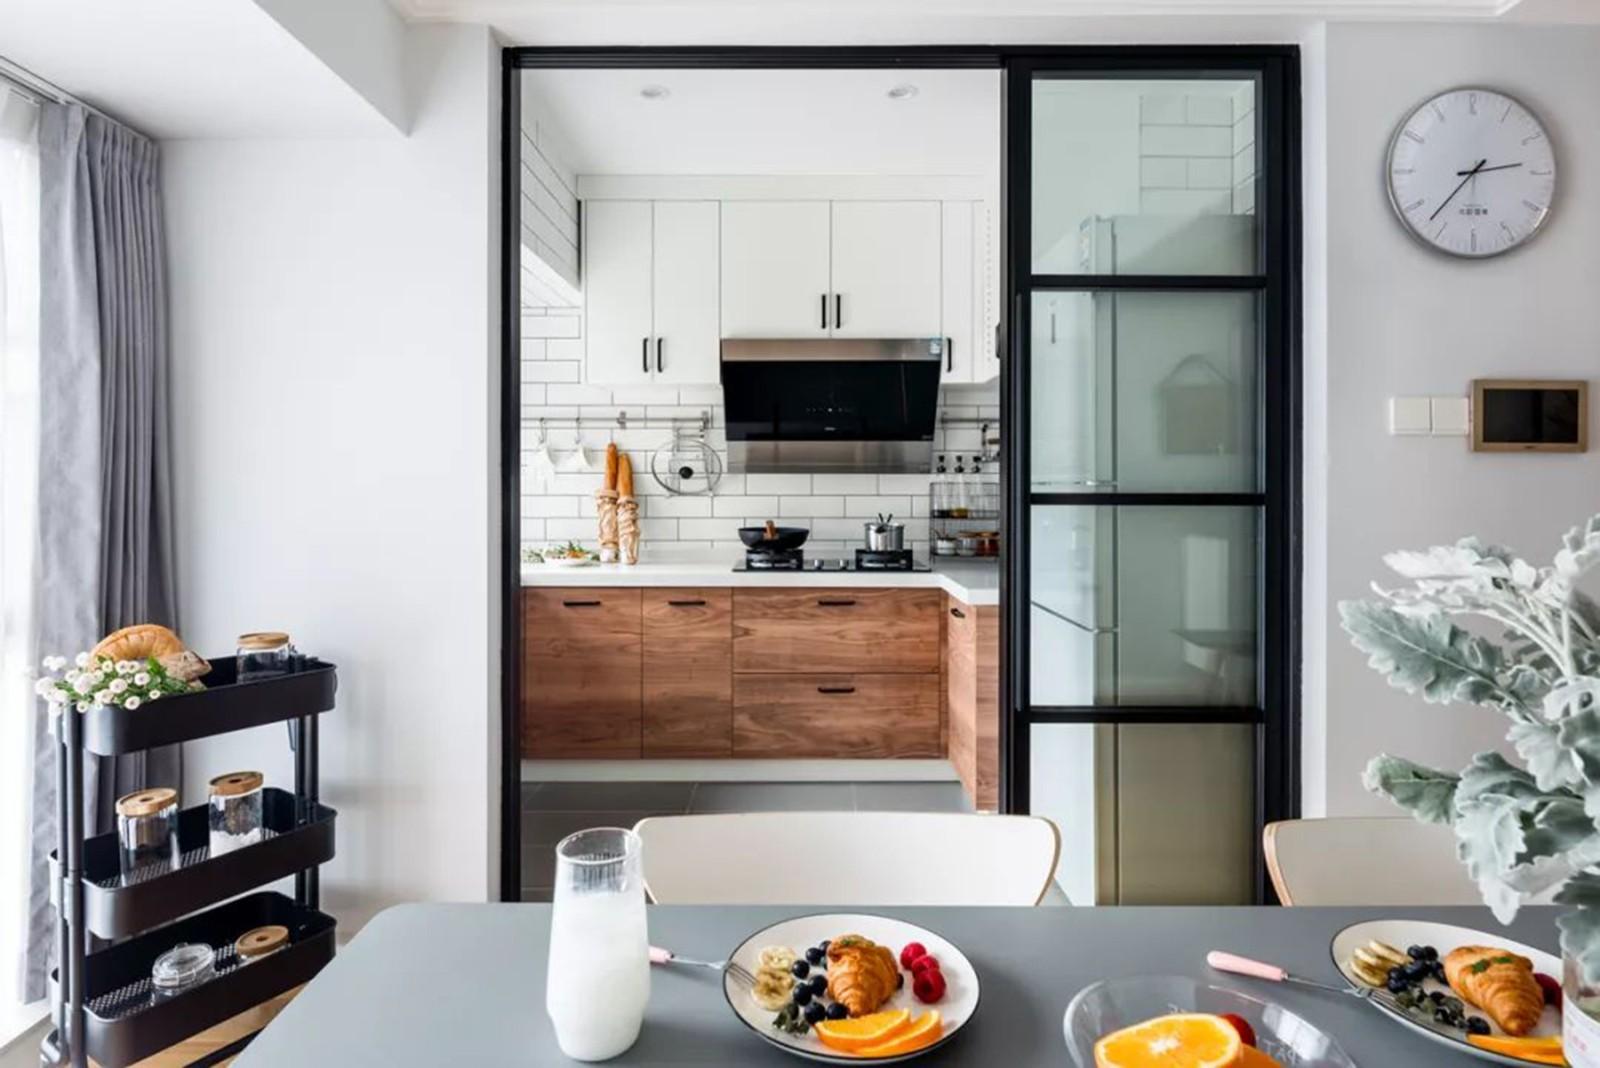 2020欧式厨房装修图 2020欧式推拉门装修设计